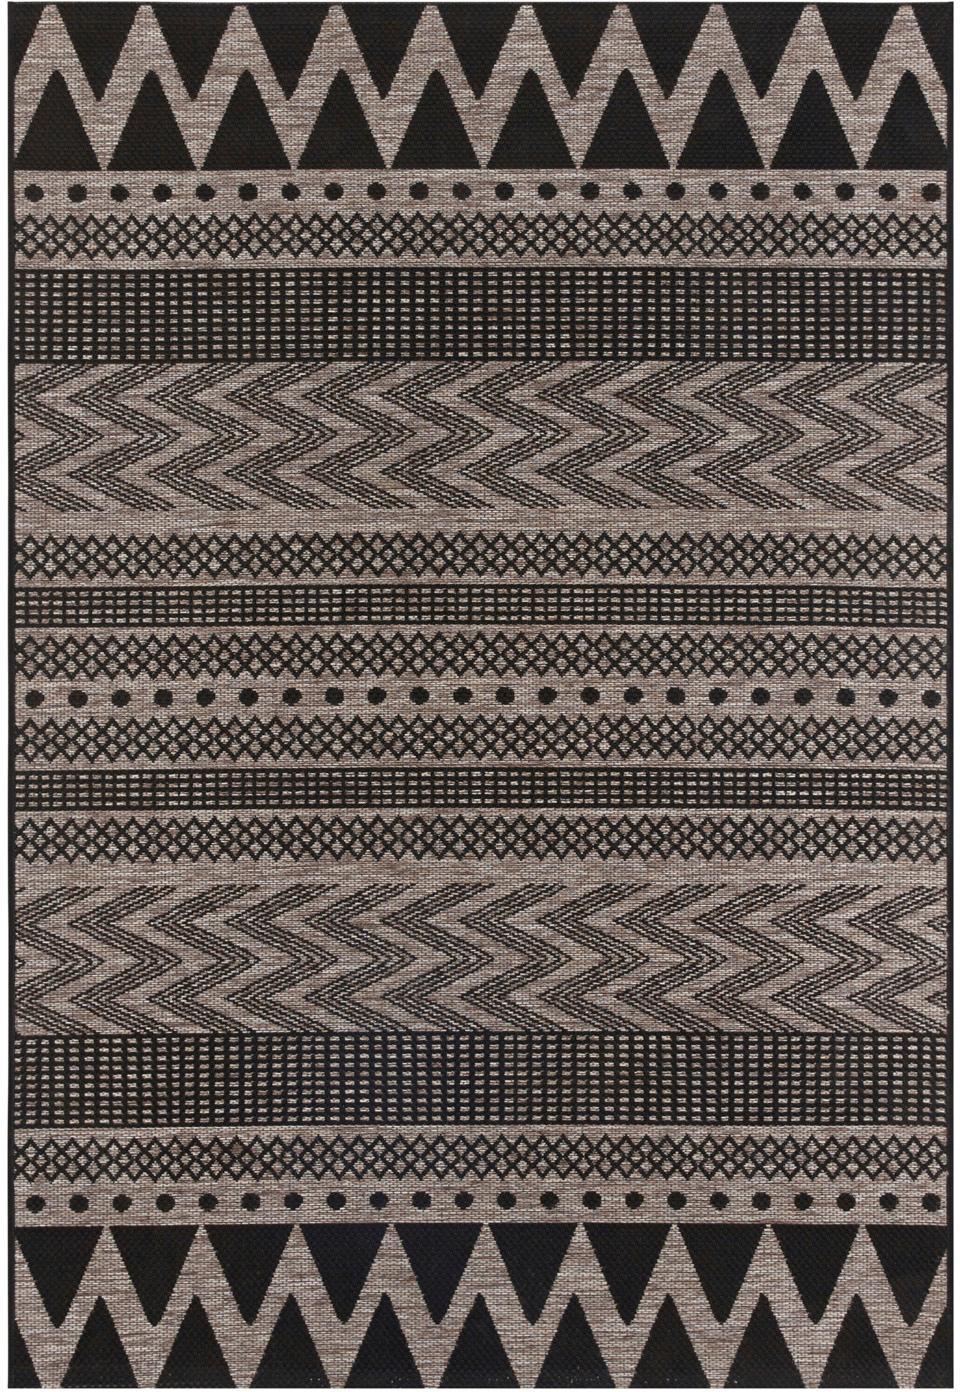 In- & Outdoor-Teppich Sidon mit grafischem Muster, 100% Polypropylen, Beige, Schwarz, B 70 x L 140 cm (Größe XS)